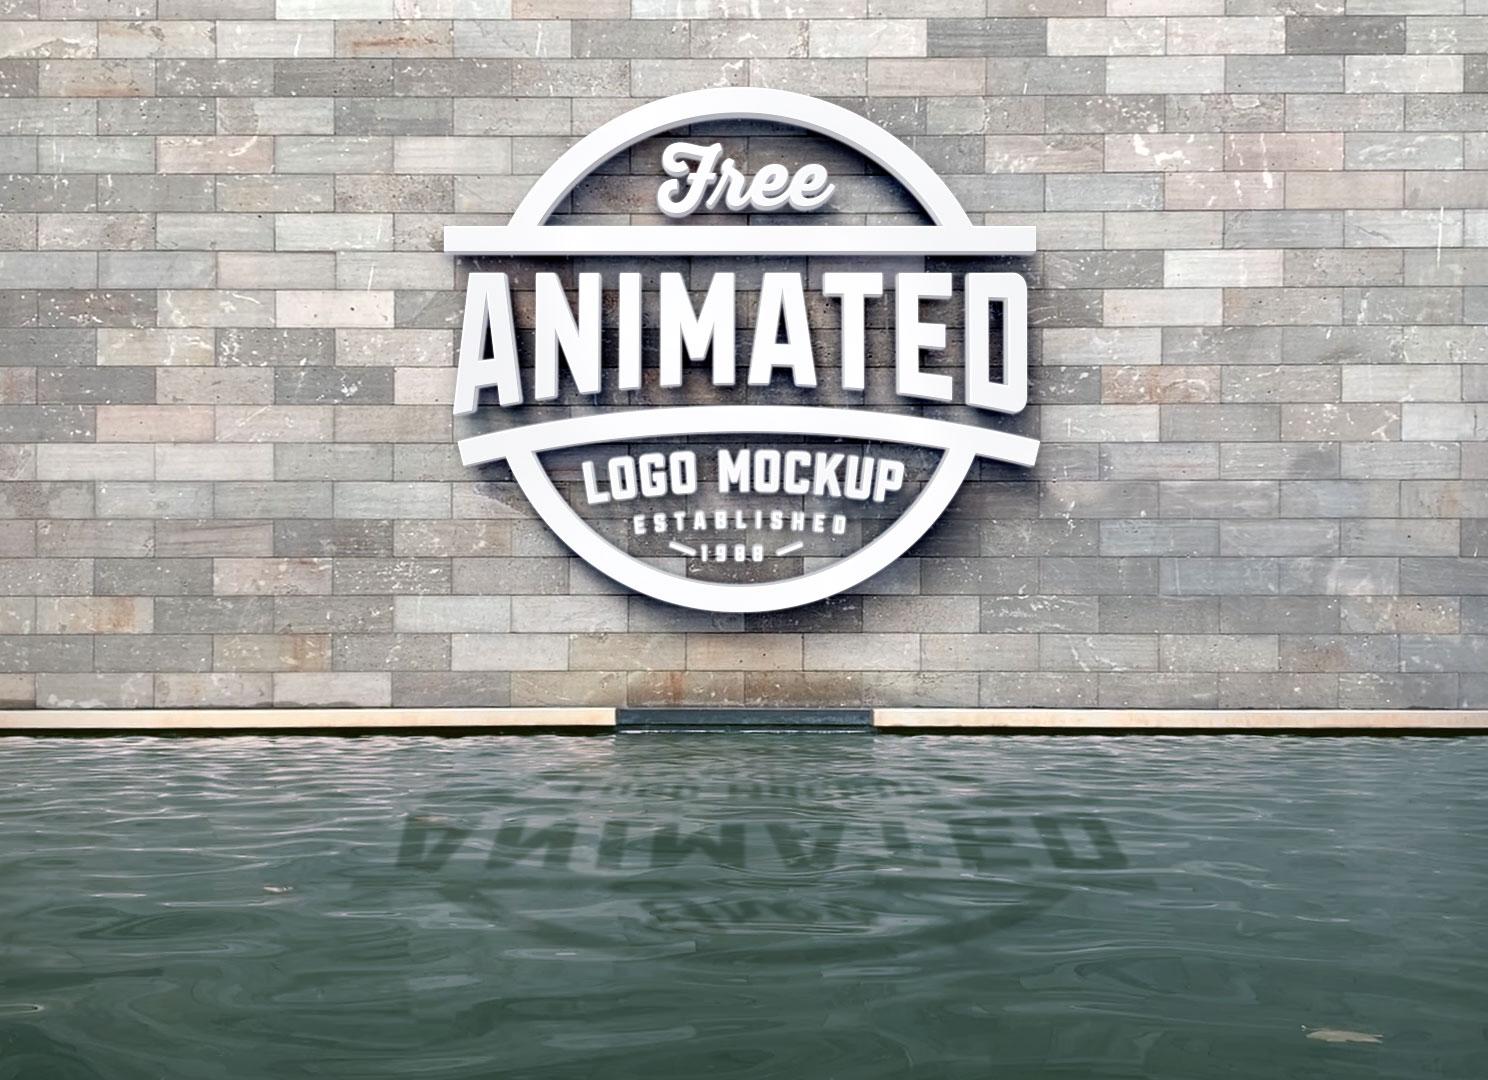 Free 3D Logo Animated Mockup PSD